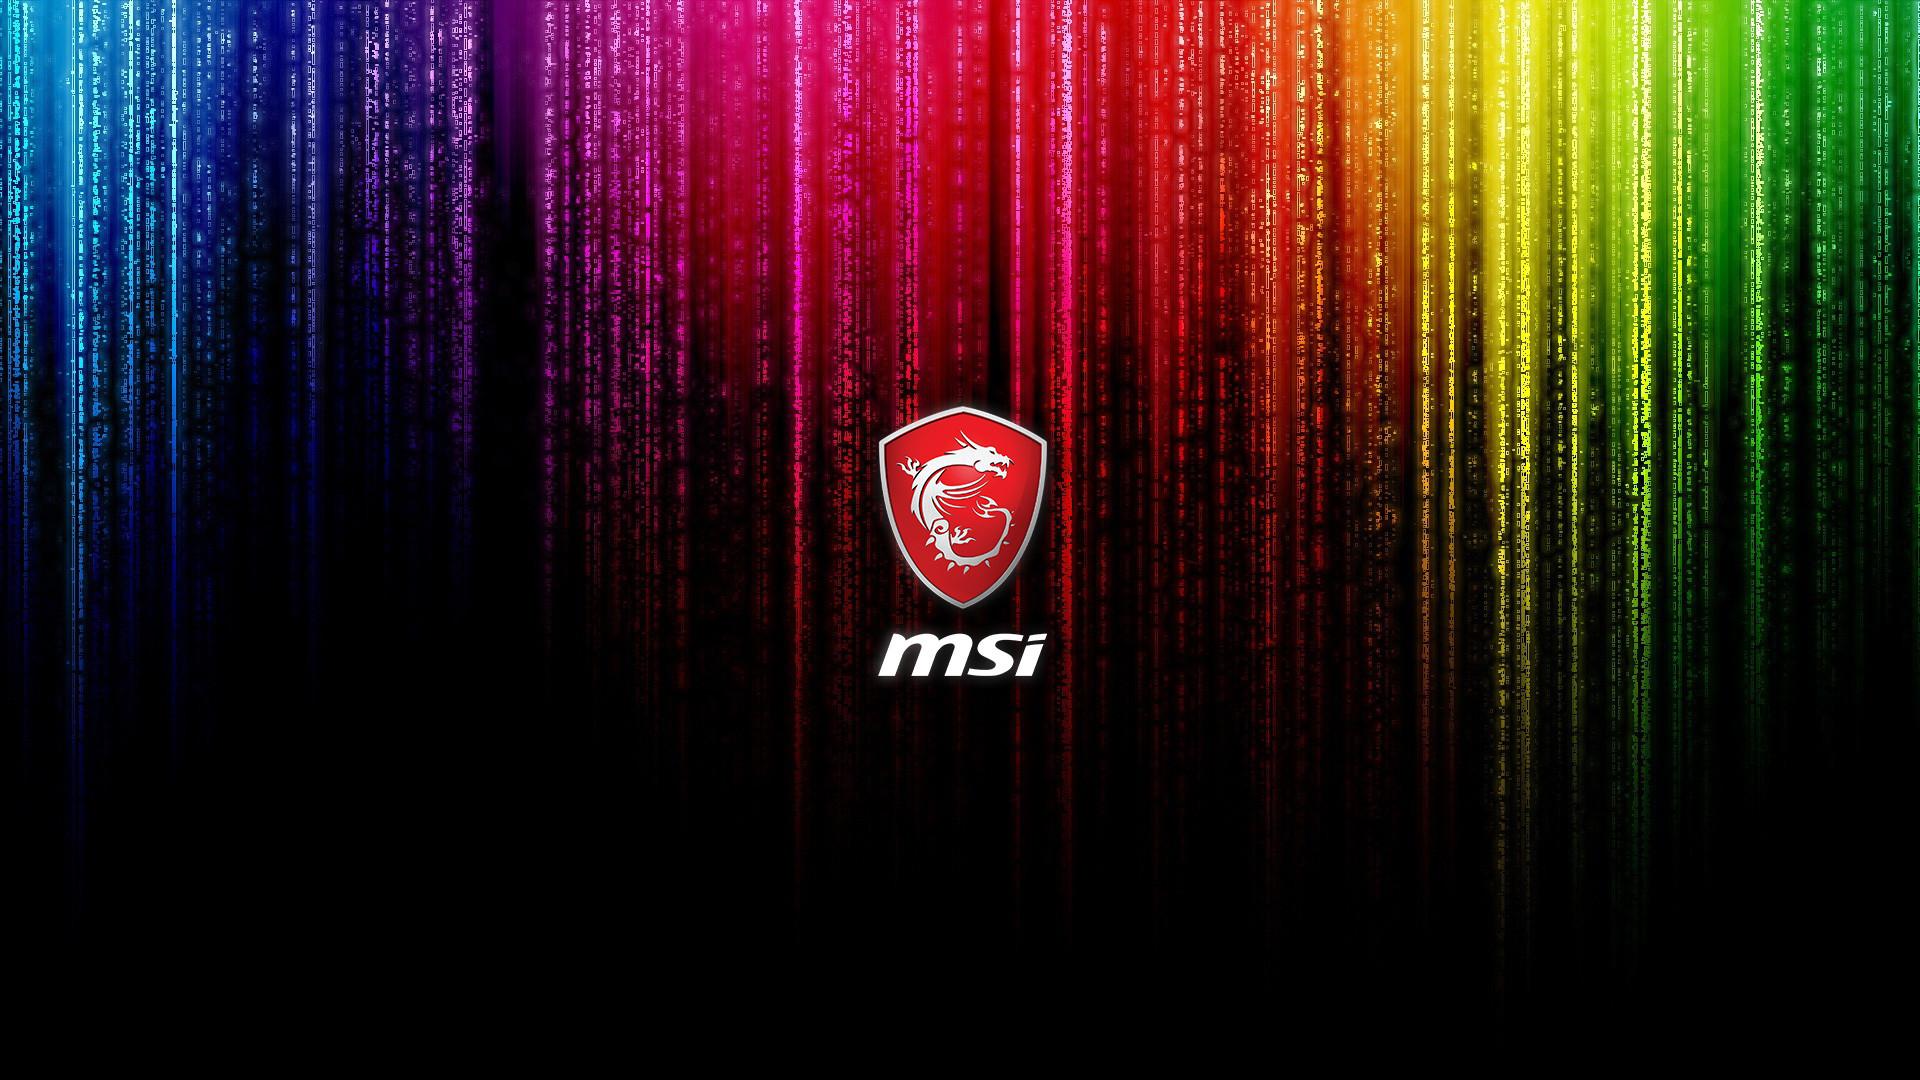 10 New Msi Gaming Series Wallpaper Full Hd 1920 1080 For: MSI Wallpaper HD 1920x1080 (88+ Images